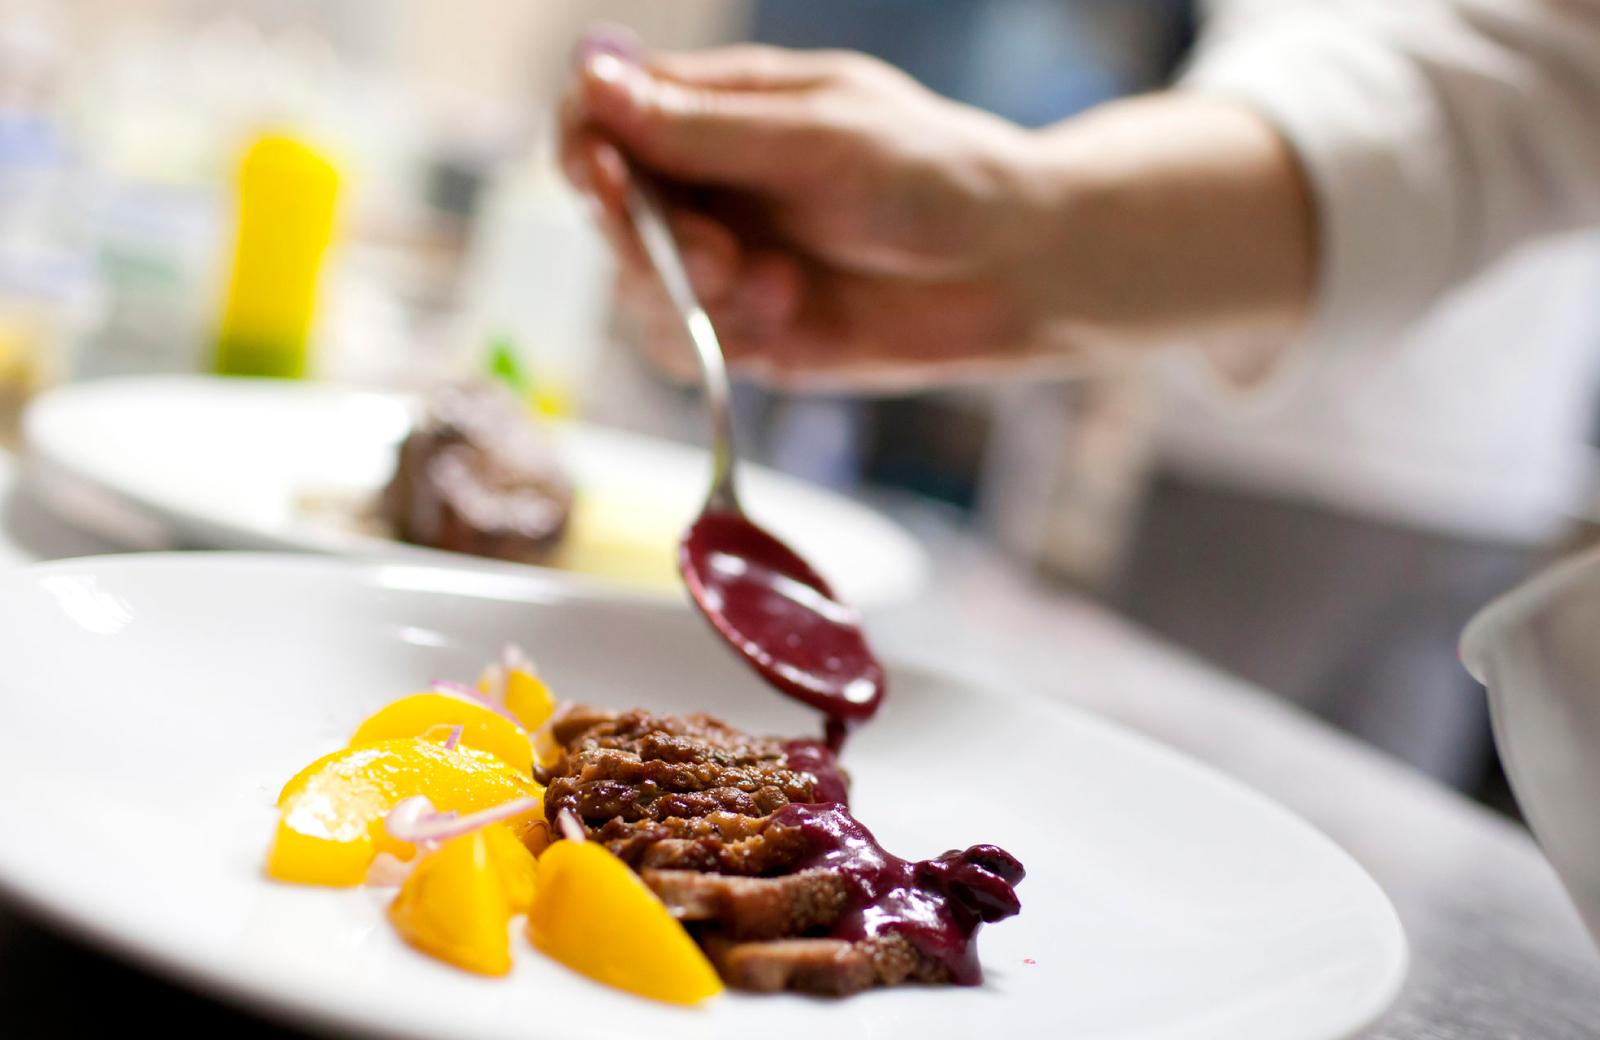 Northridge Restaurants - Alder Apts